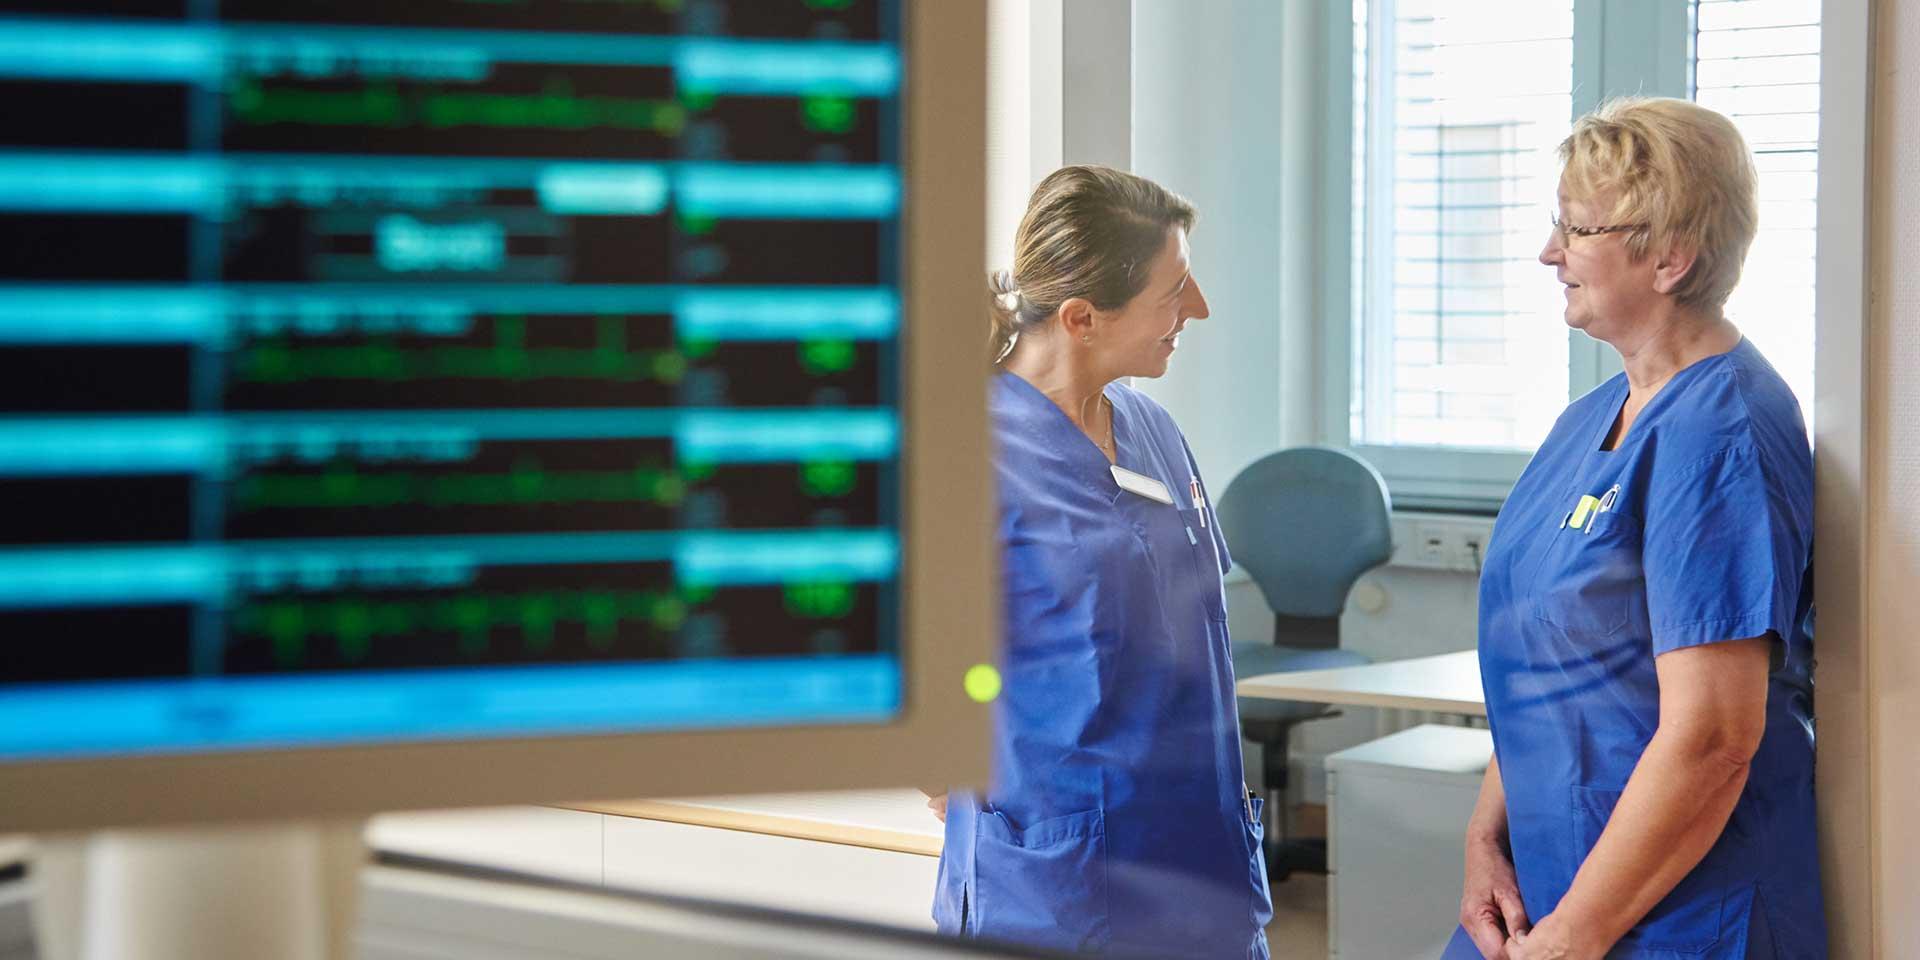 Klinik Rotes Kreuz Frankfurt - RKK - Nurses